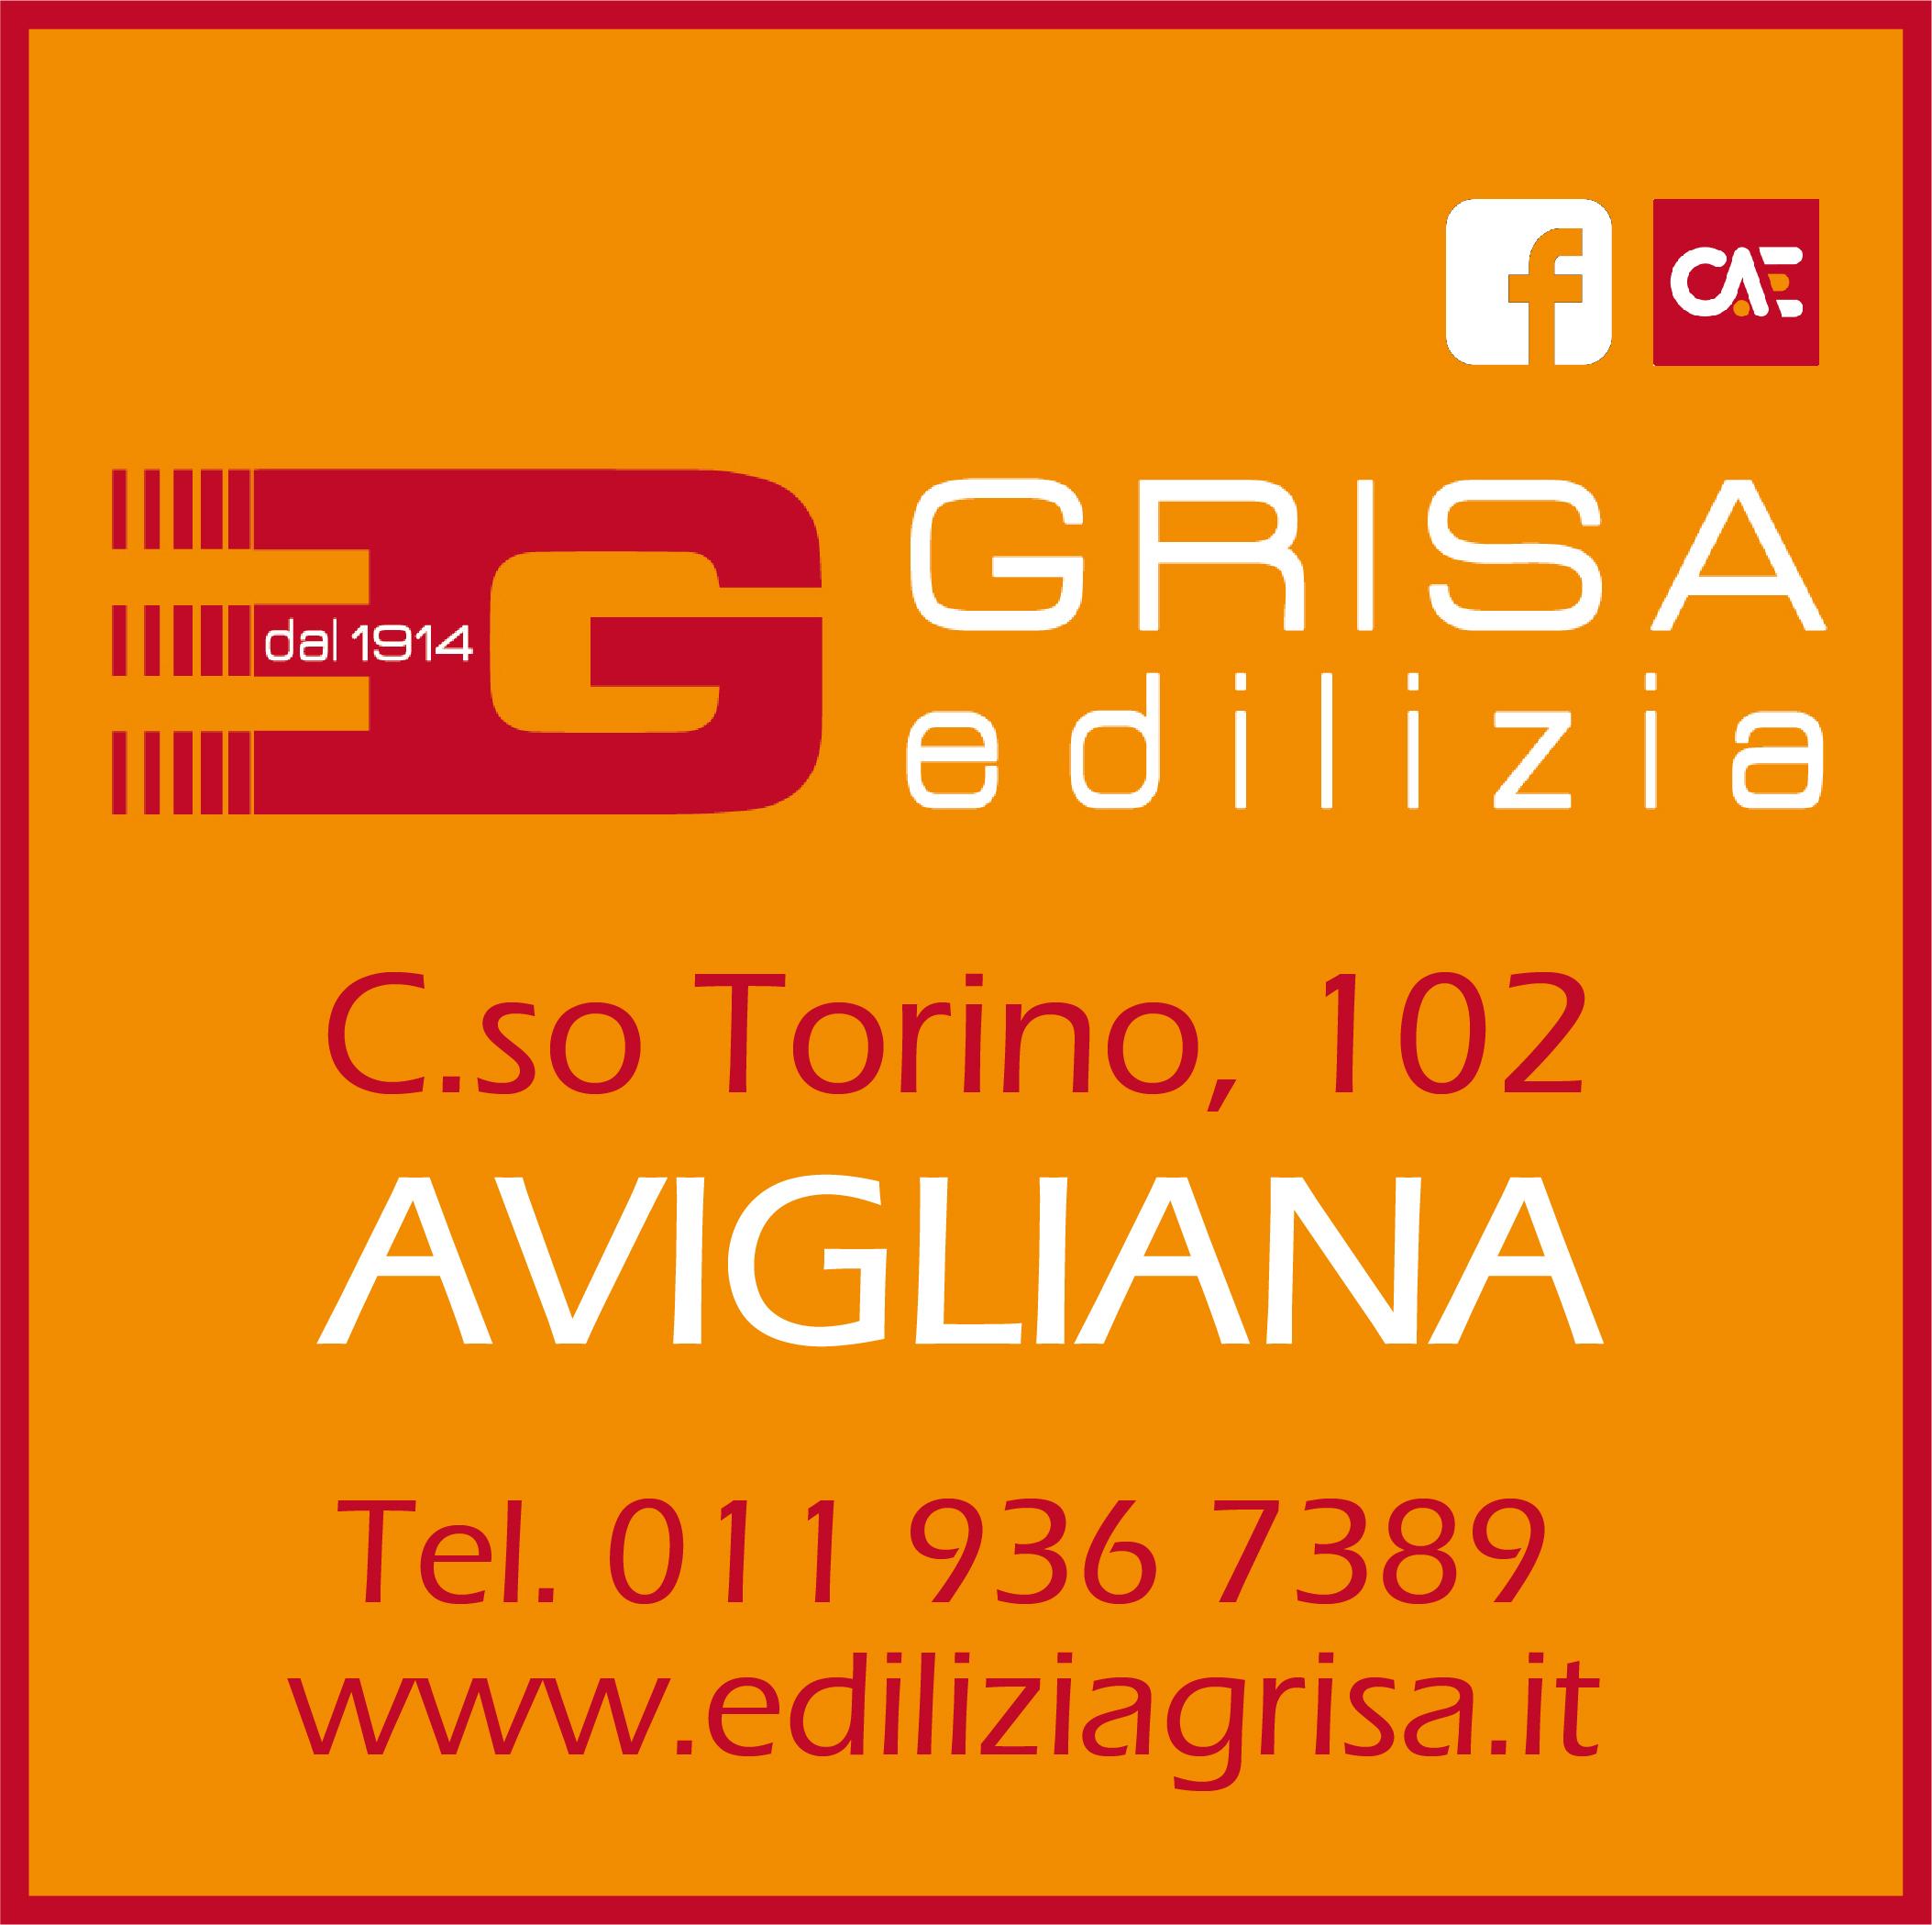 GRISA EDILIZIA